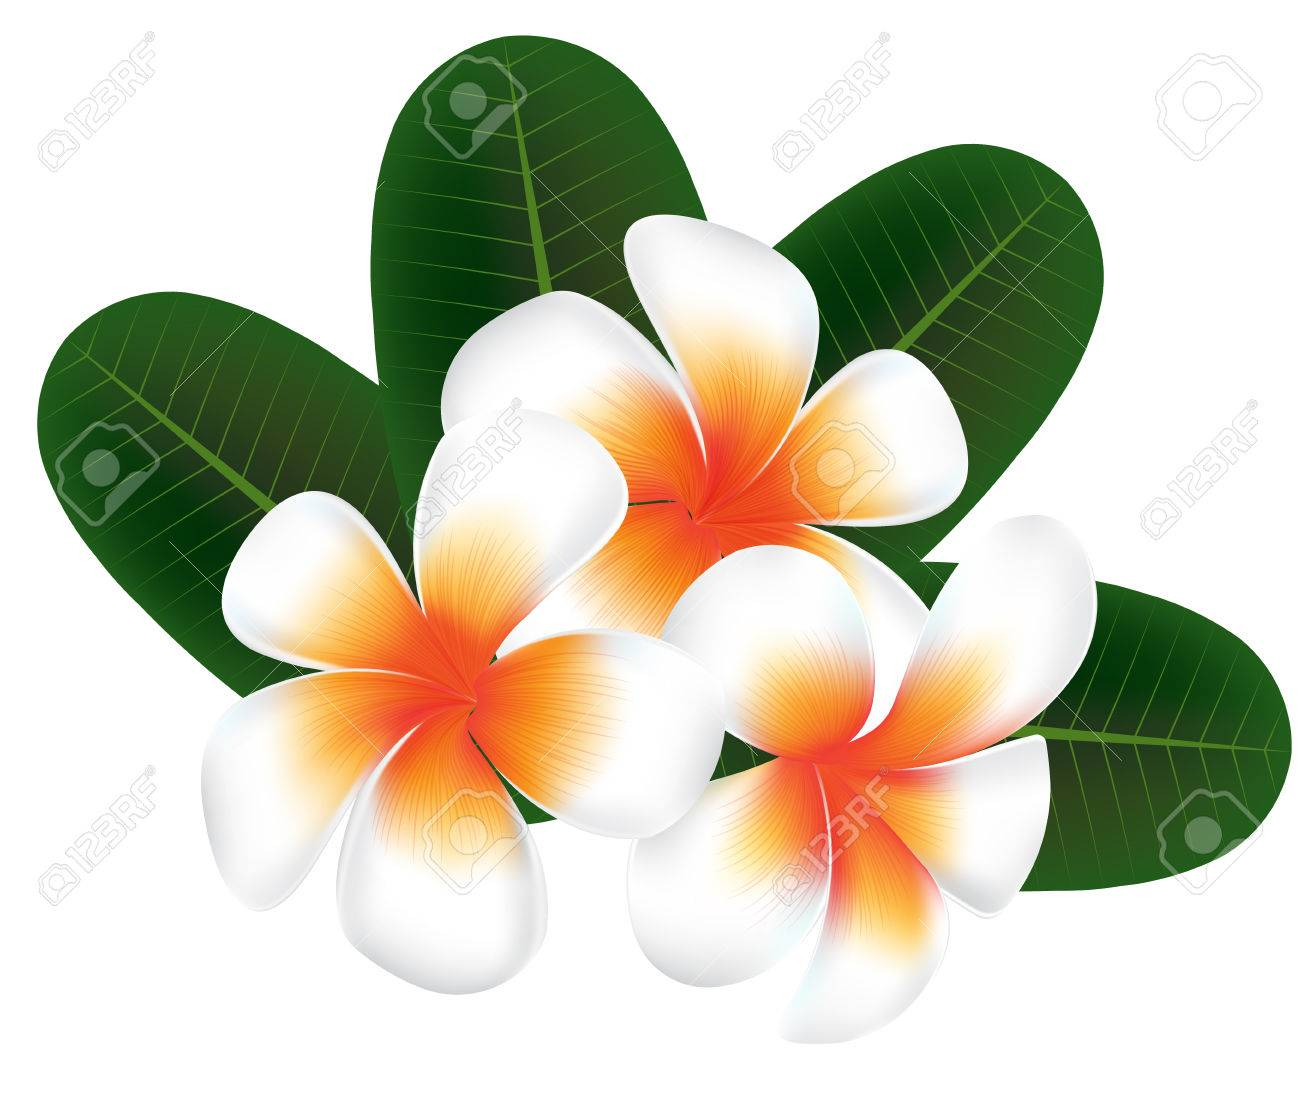 Illustration vector of hawaii flower frangipani white plumeria illustration vector of hawaii flower frangipani white plumeria on white background stock vector 44516256 mightylinksfo